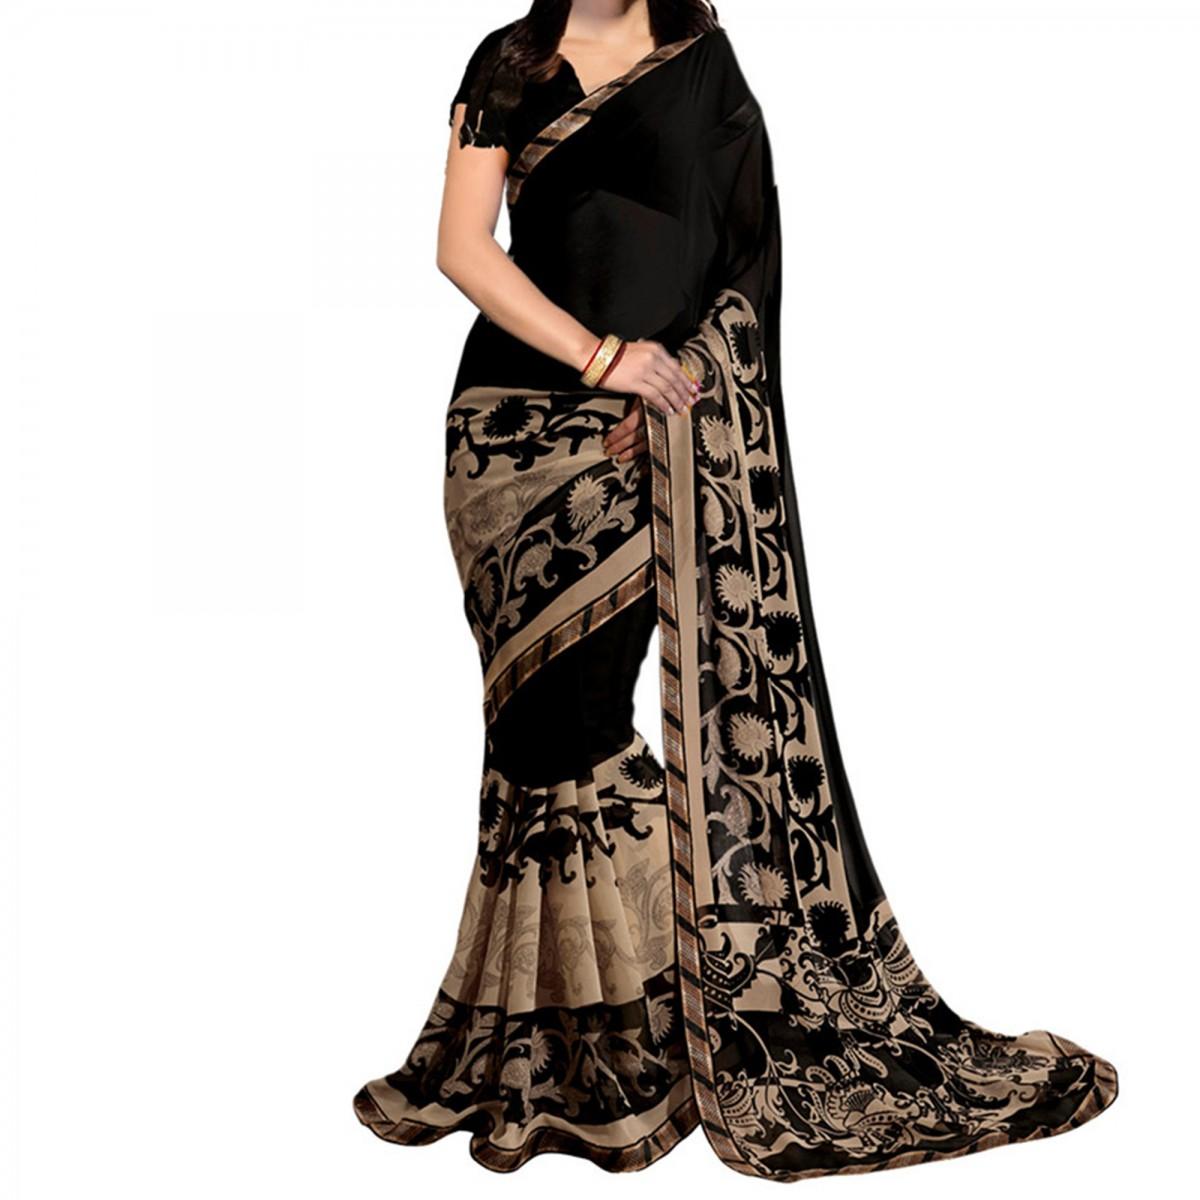 صورة سواري هندية فخمة , واااااو اجمل السوارى